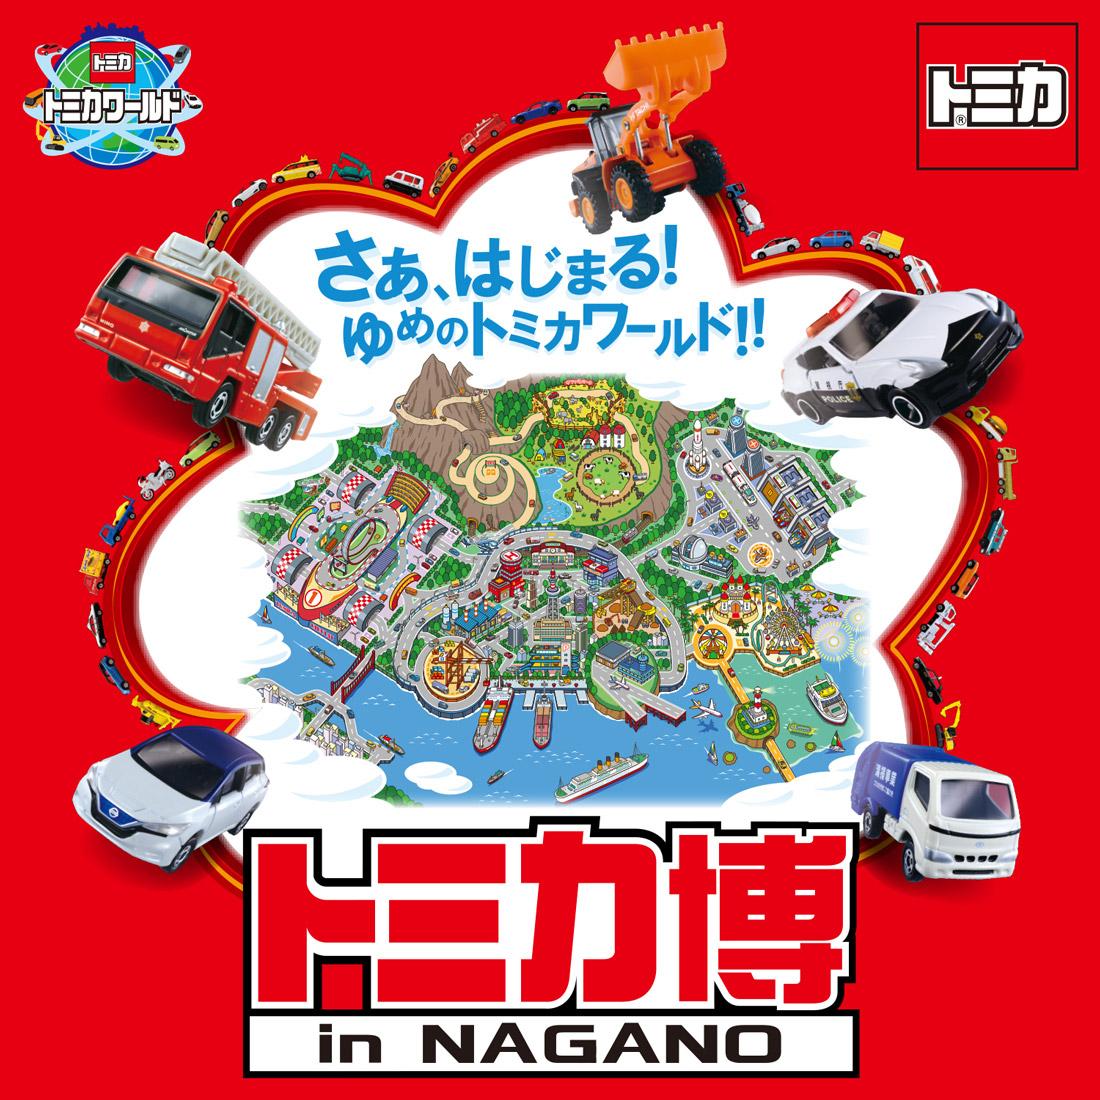 トミカ博 in NAGANO